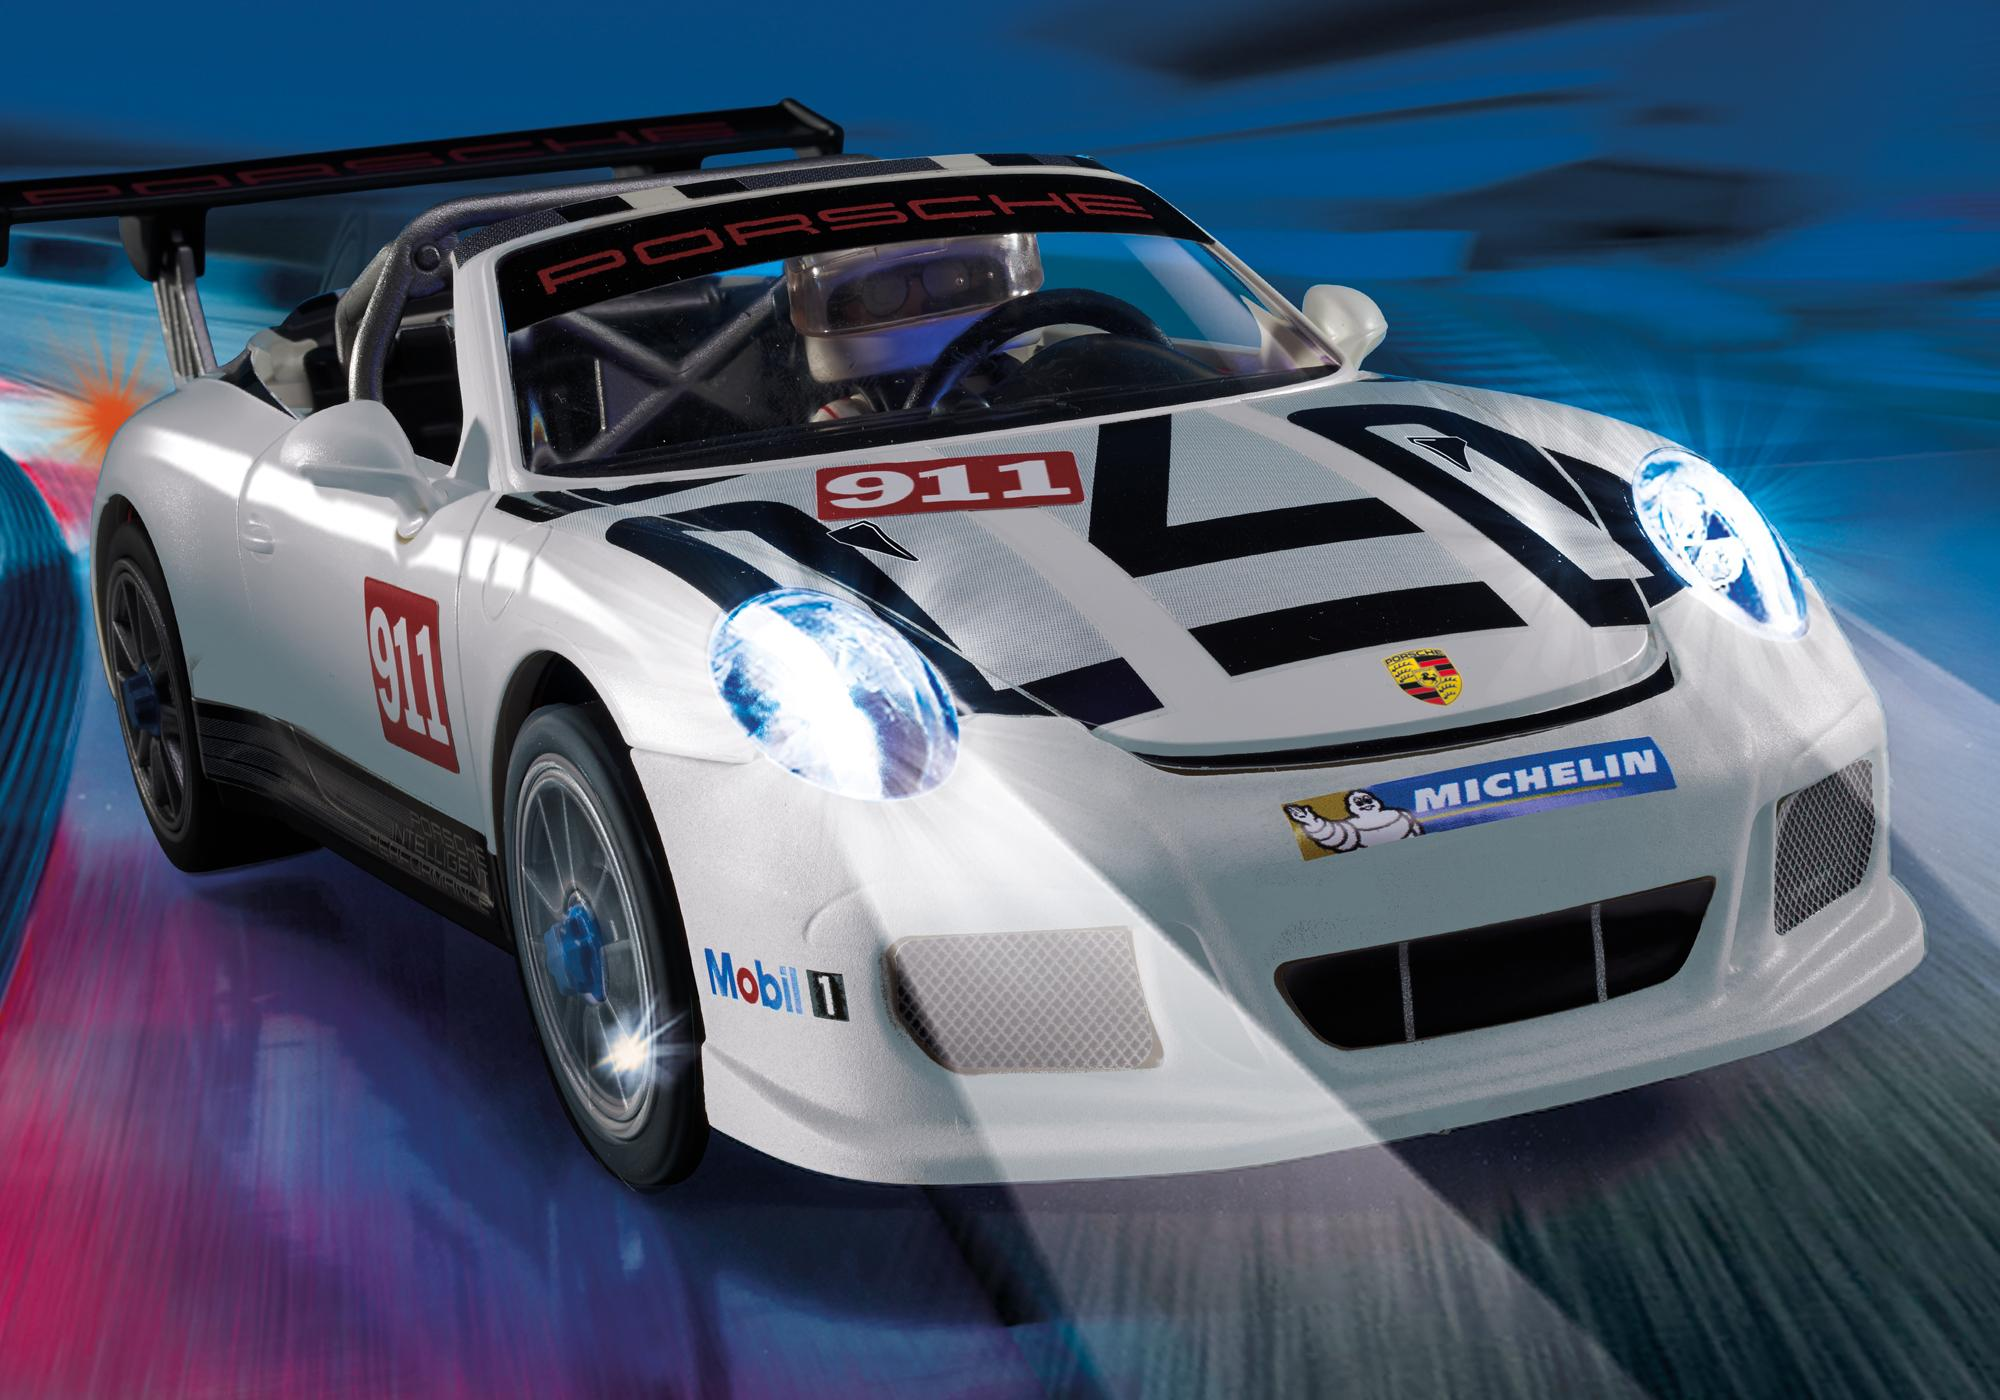 http://media.playmobil.com/i/playmobil/9225_product_extra3/PORSCHE 911 GT3